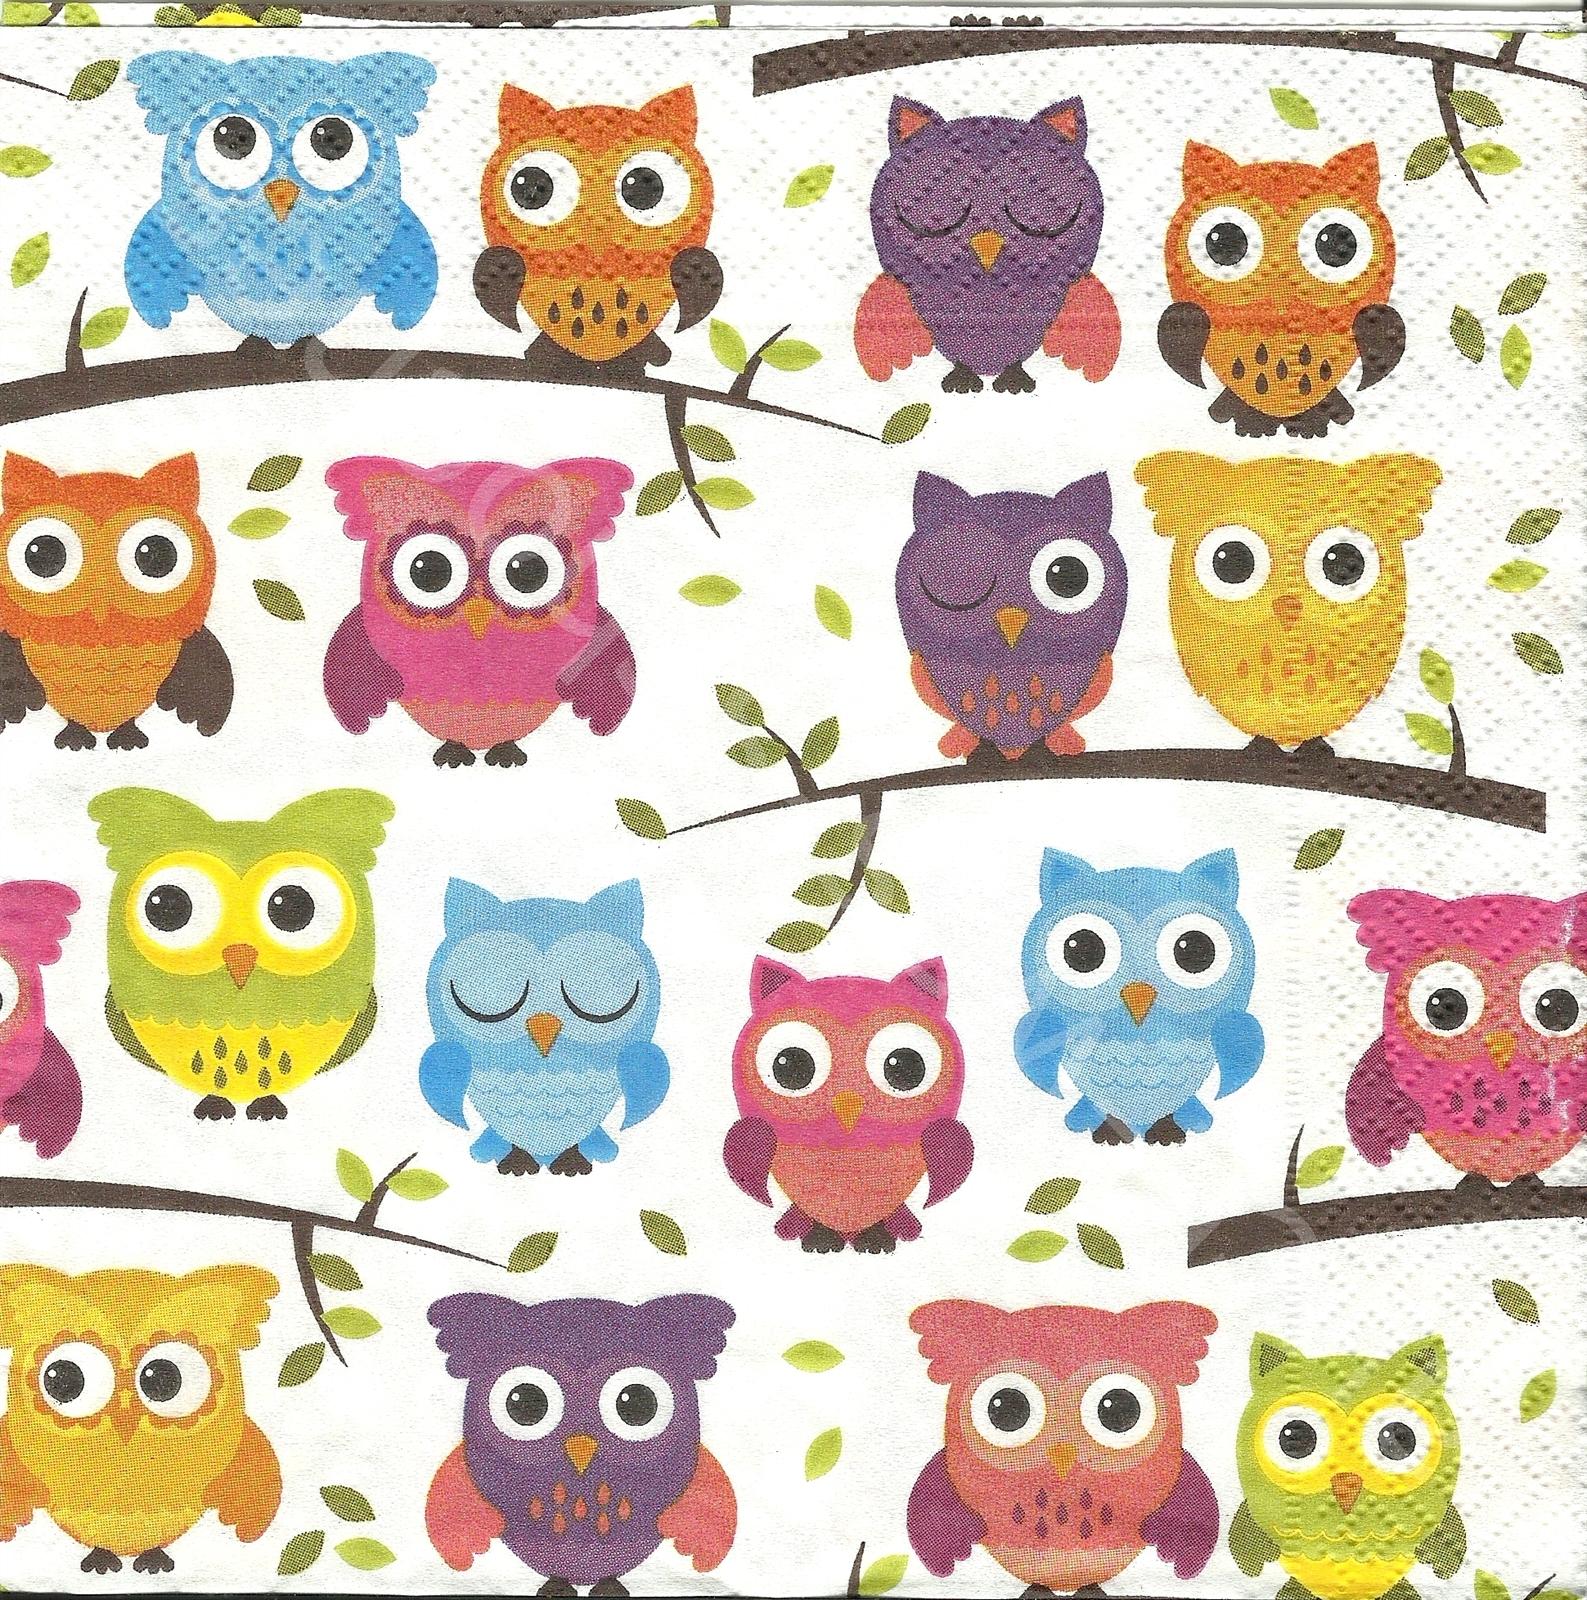 Servietten Basteln Sammeln Viele Bunte Eulen Owls Hibou